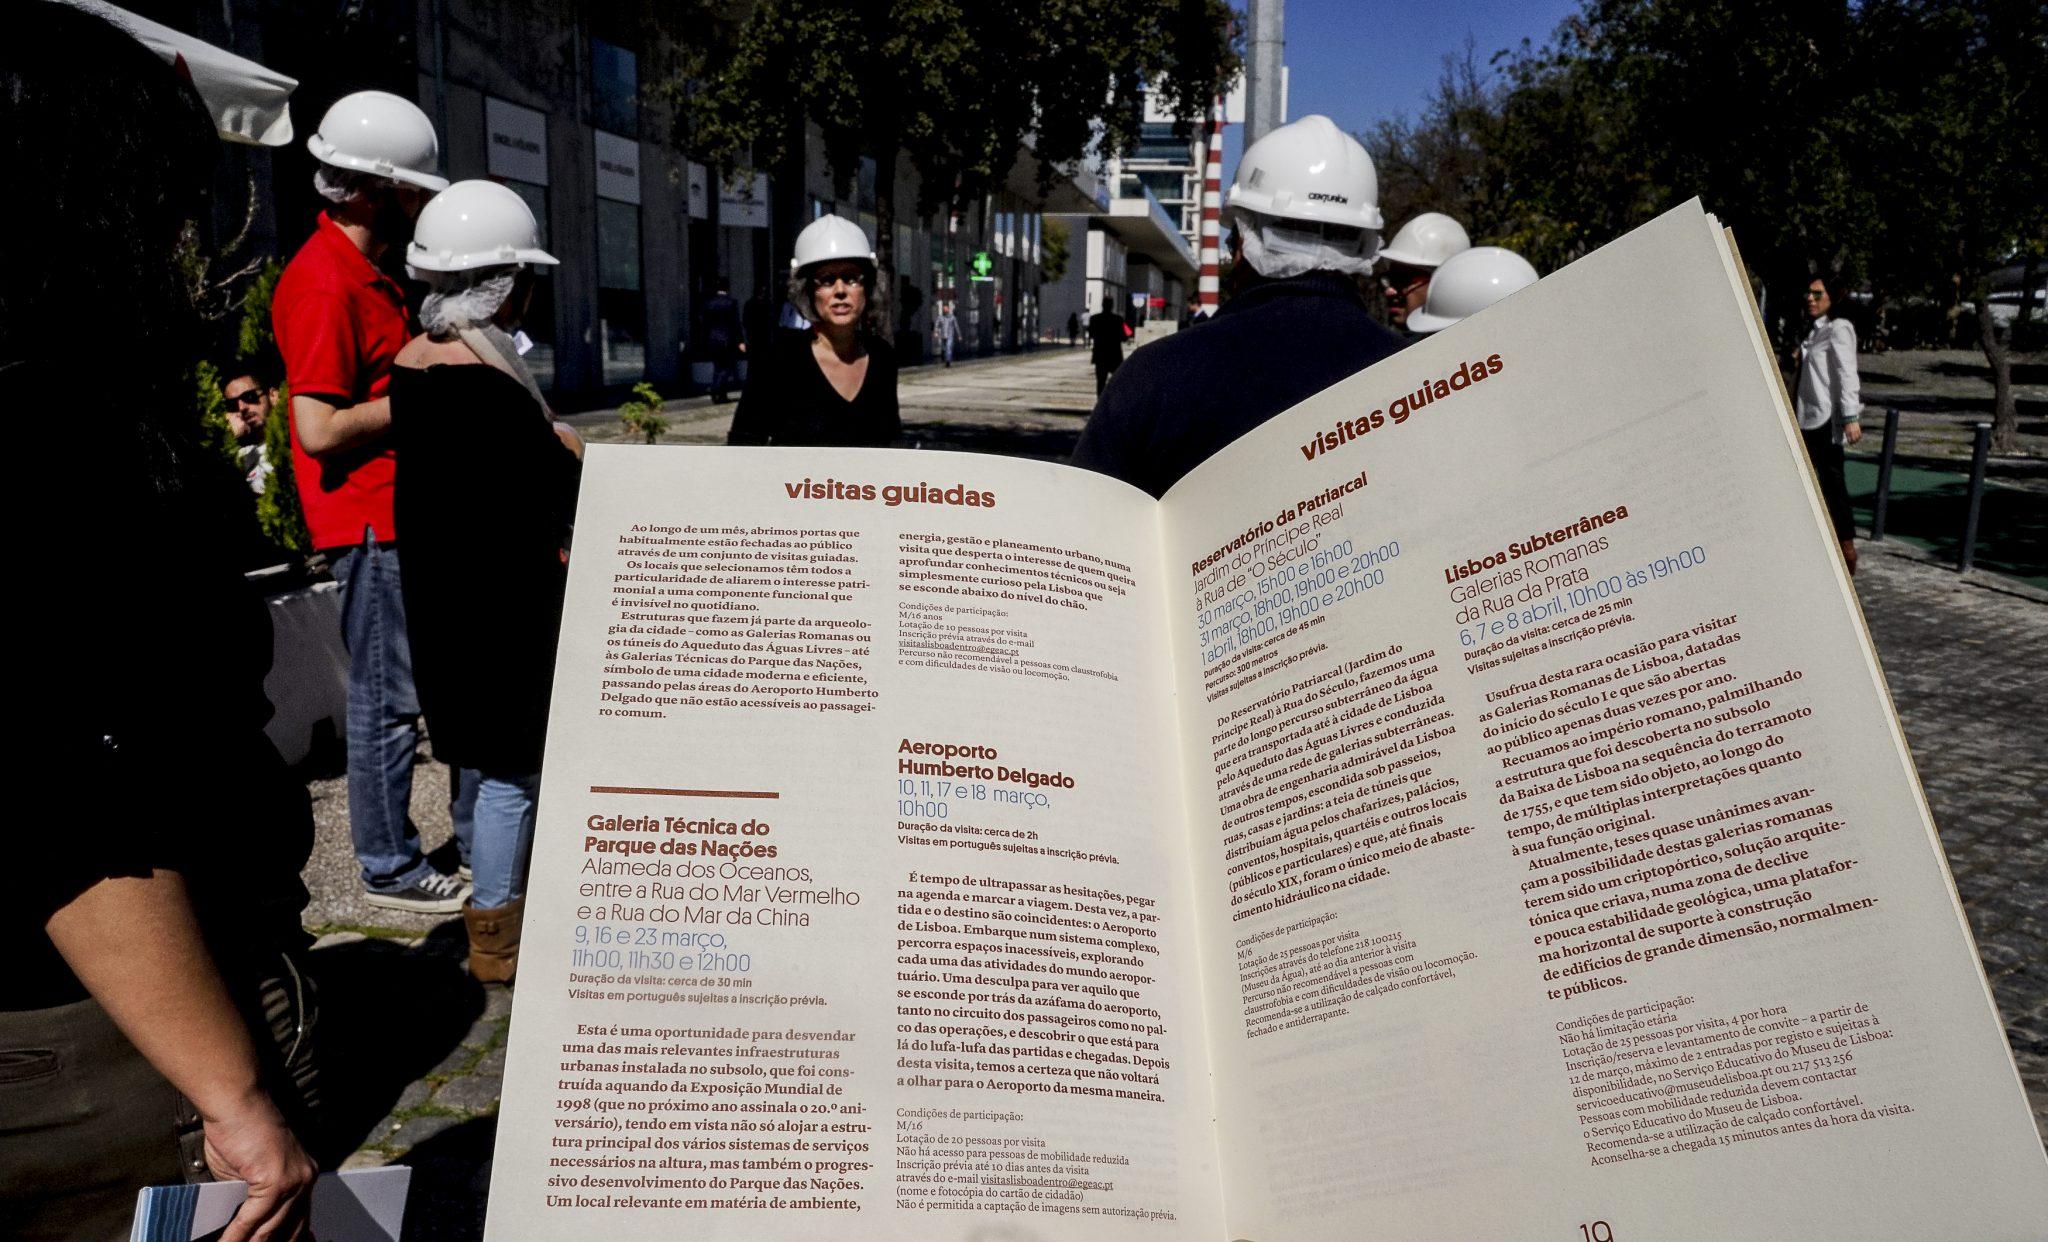 Pormenor de um livro aberto onde se podem ler várias informações. Em segundo plano, desfocadas, estão várias pessoas com capacetes de segurança brancos